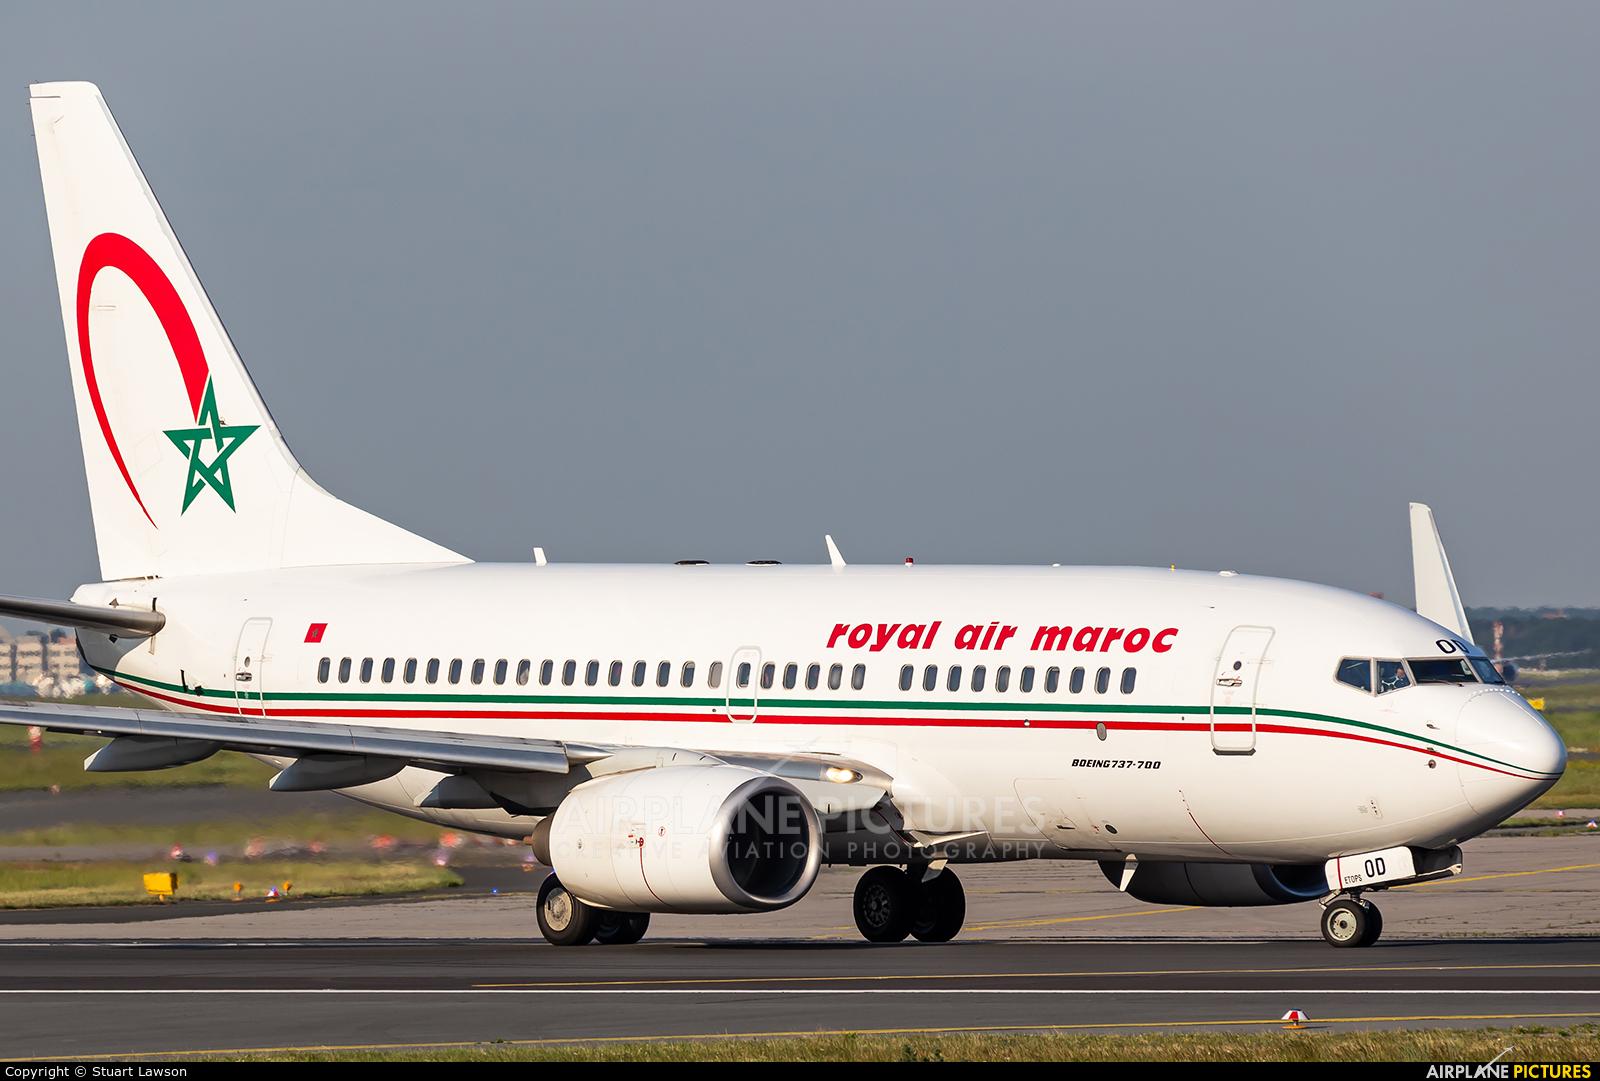 Royal Air Maroc CN-ROD aircraft at Frankfurt